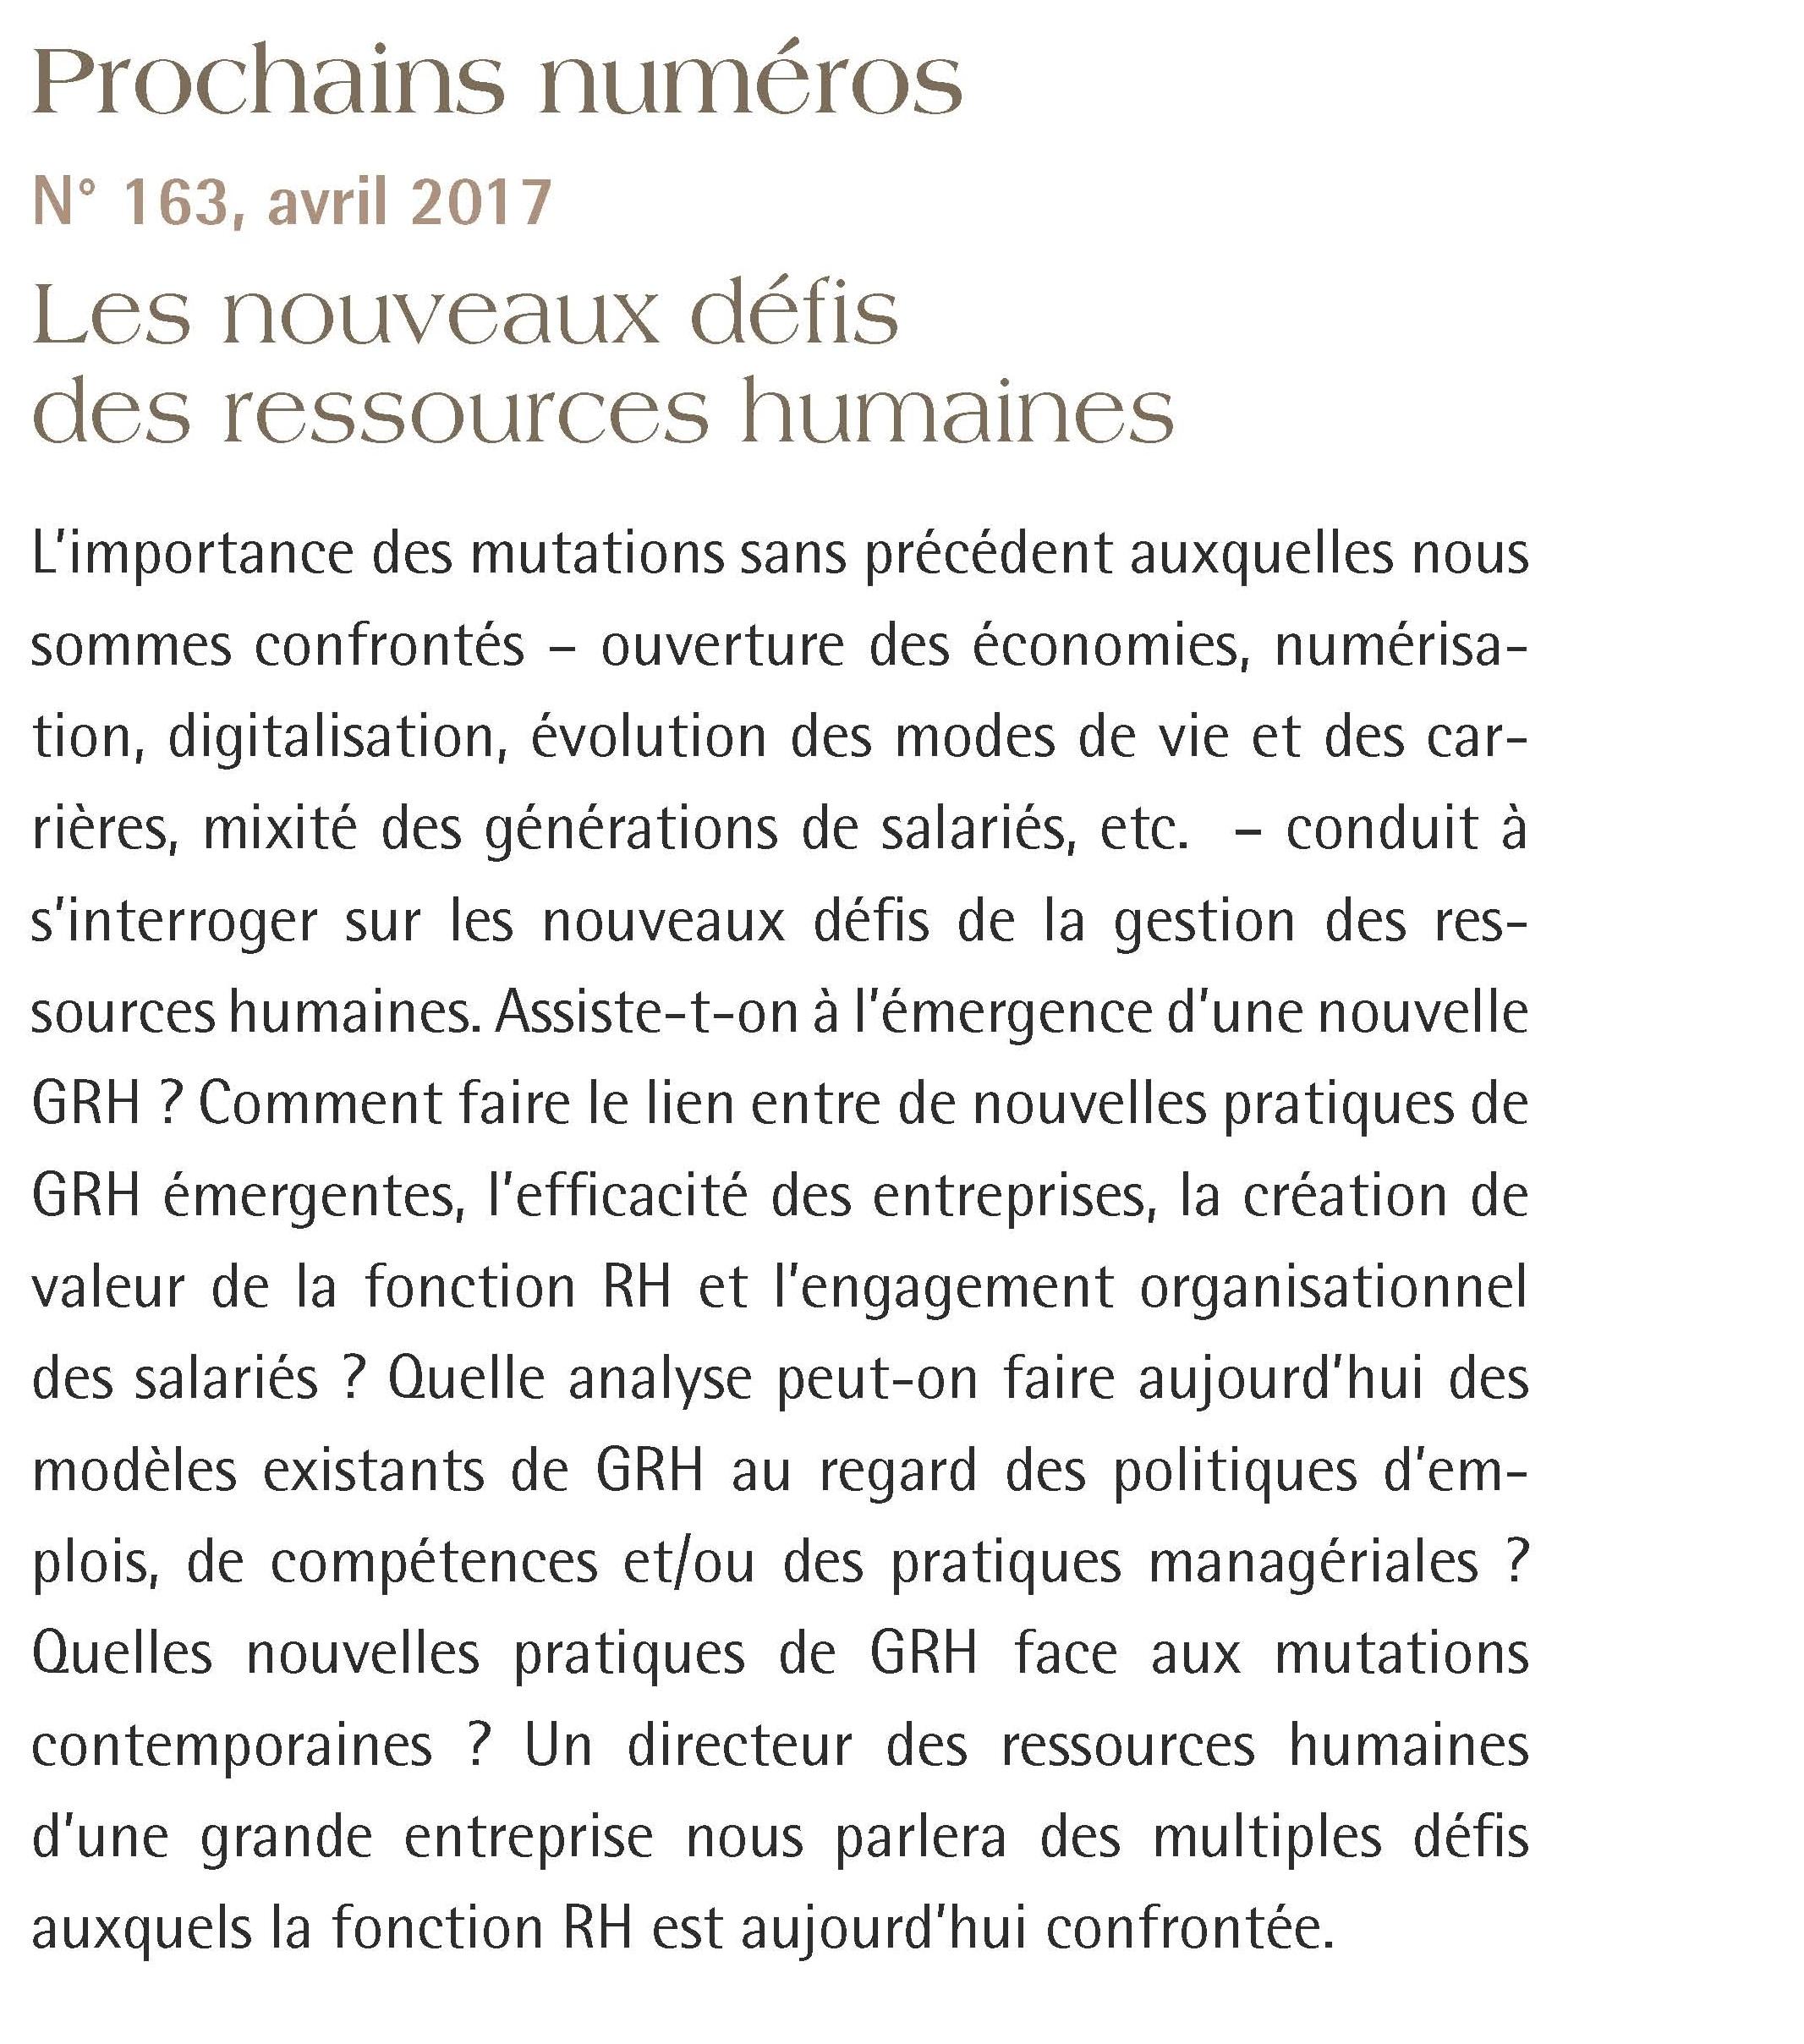 Le thème est le nouveau défi des ressources humaines   une nouvelle GRH  doit apparaître pour tenir compte des évolutions de l environnement et  permettre ... 8c52f5a459e